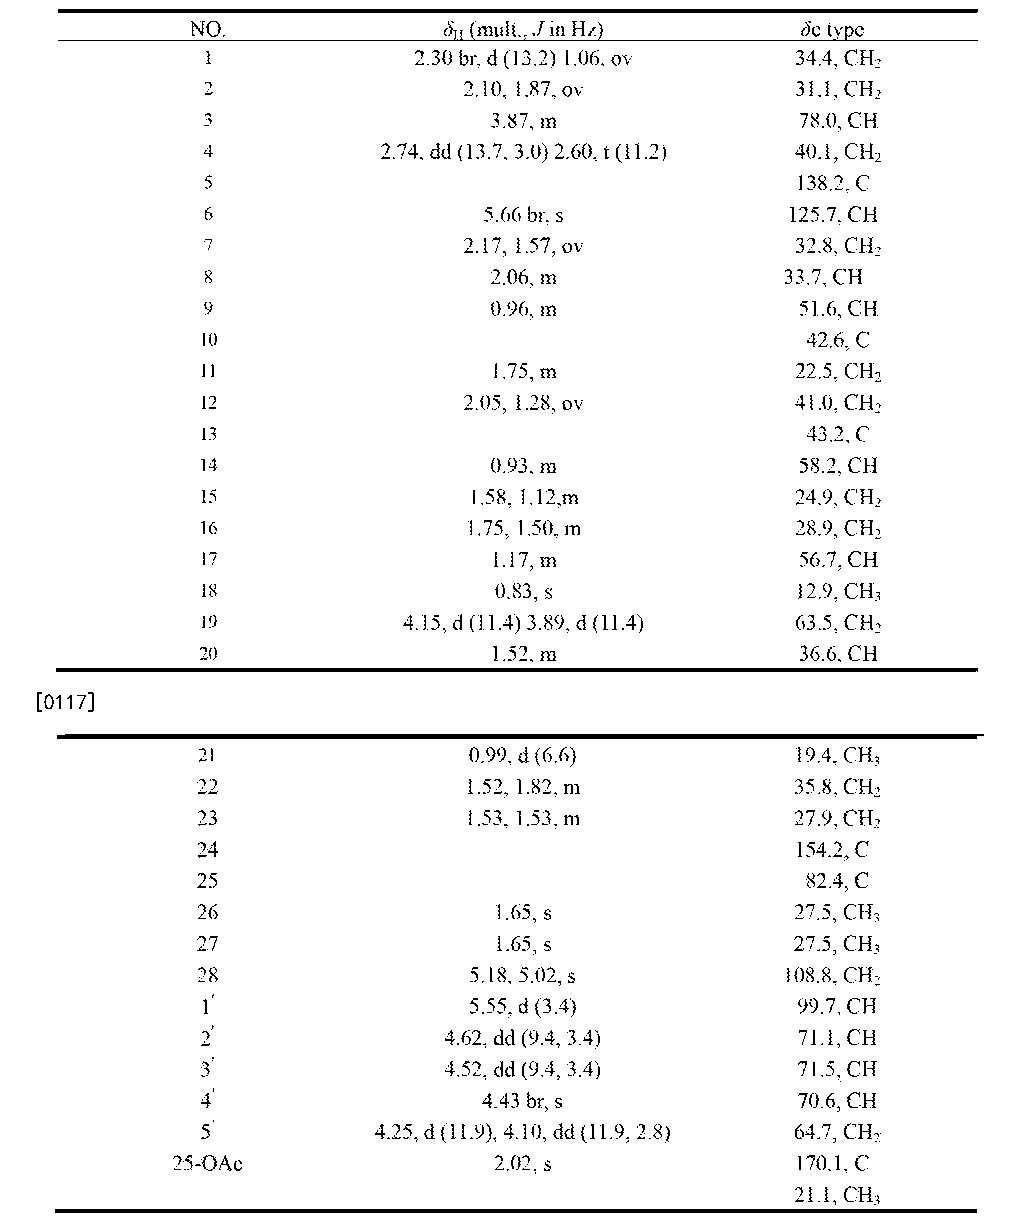 科学 5ch 所 保健 研究 保健科学研究会